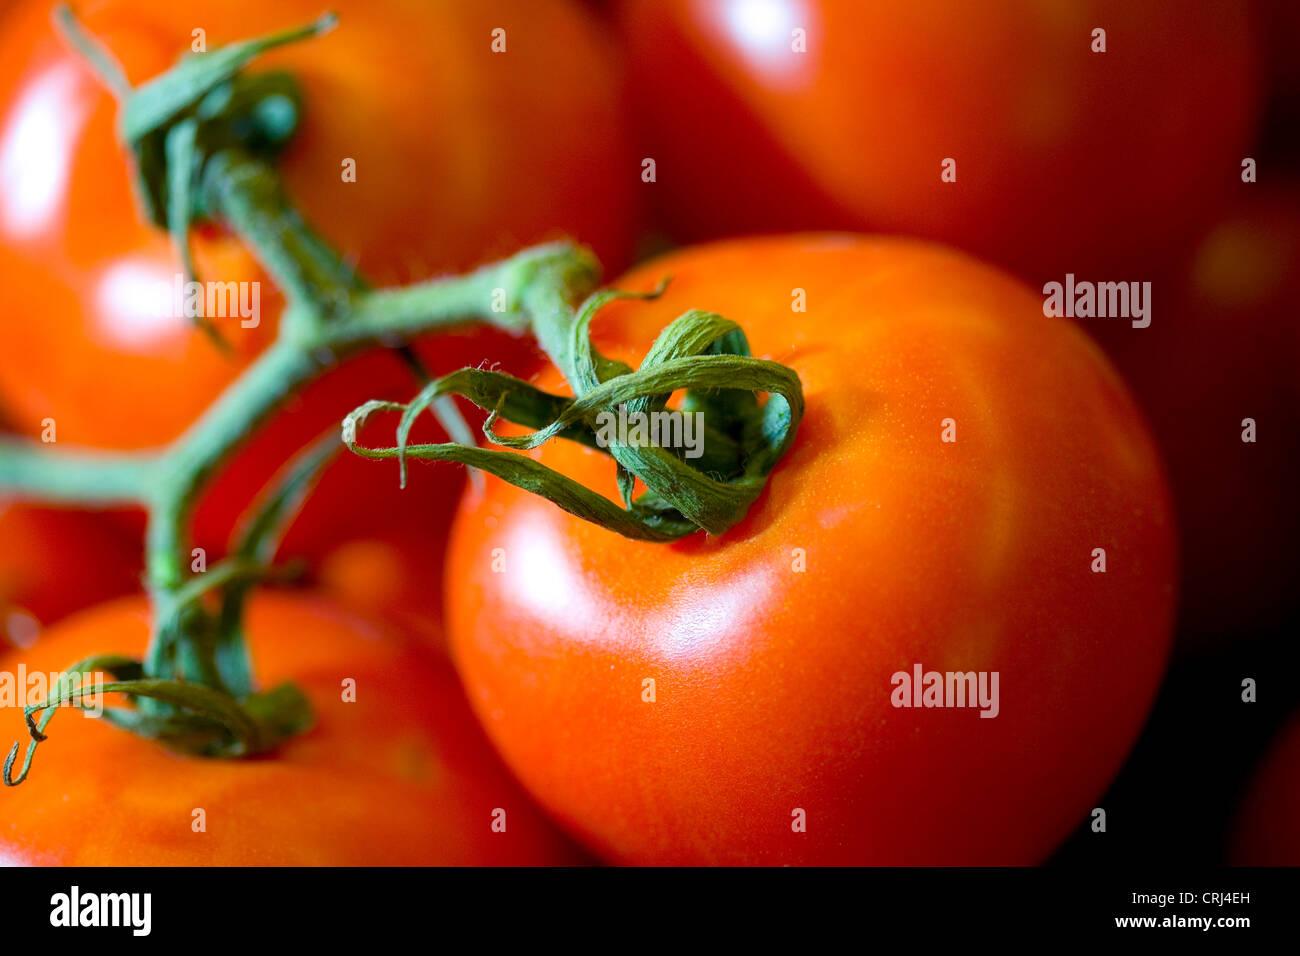 Catarata Cáncer antioxidantes alimentos ALIMENTO ALIMENTO Fruta Fresca Cardiopatía Licopeno Lycopersicon Imagen De Stock